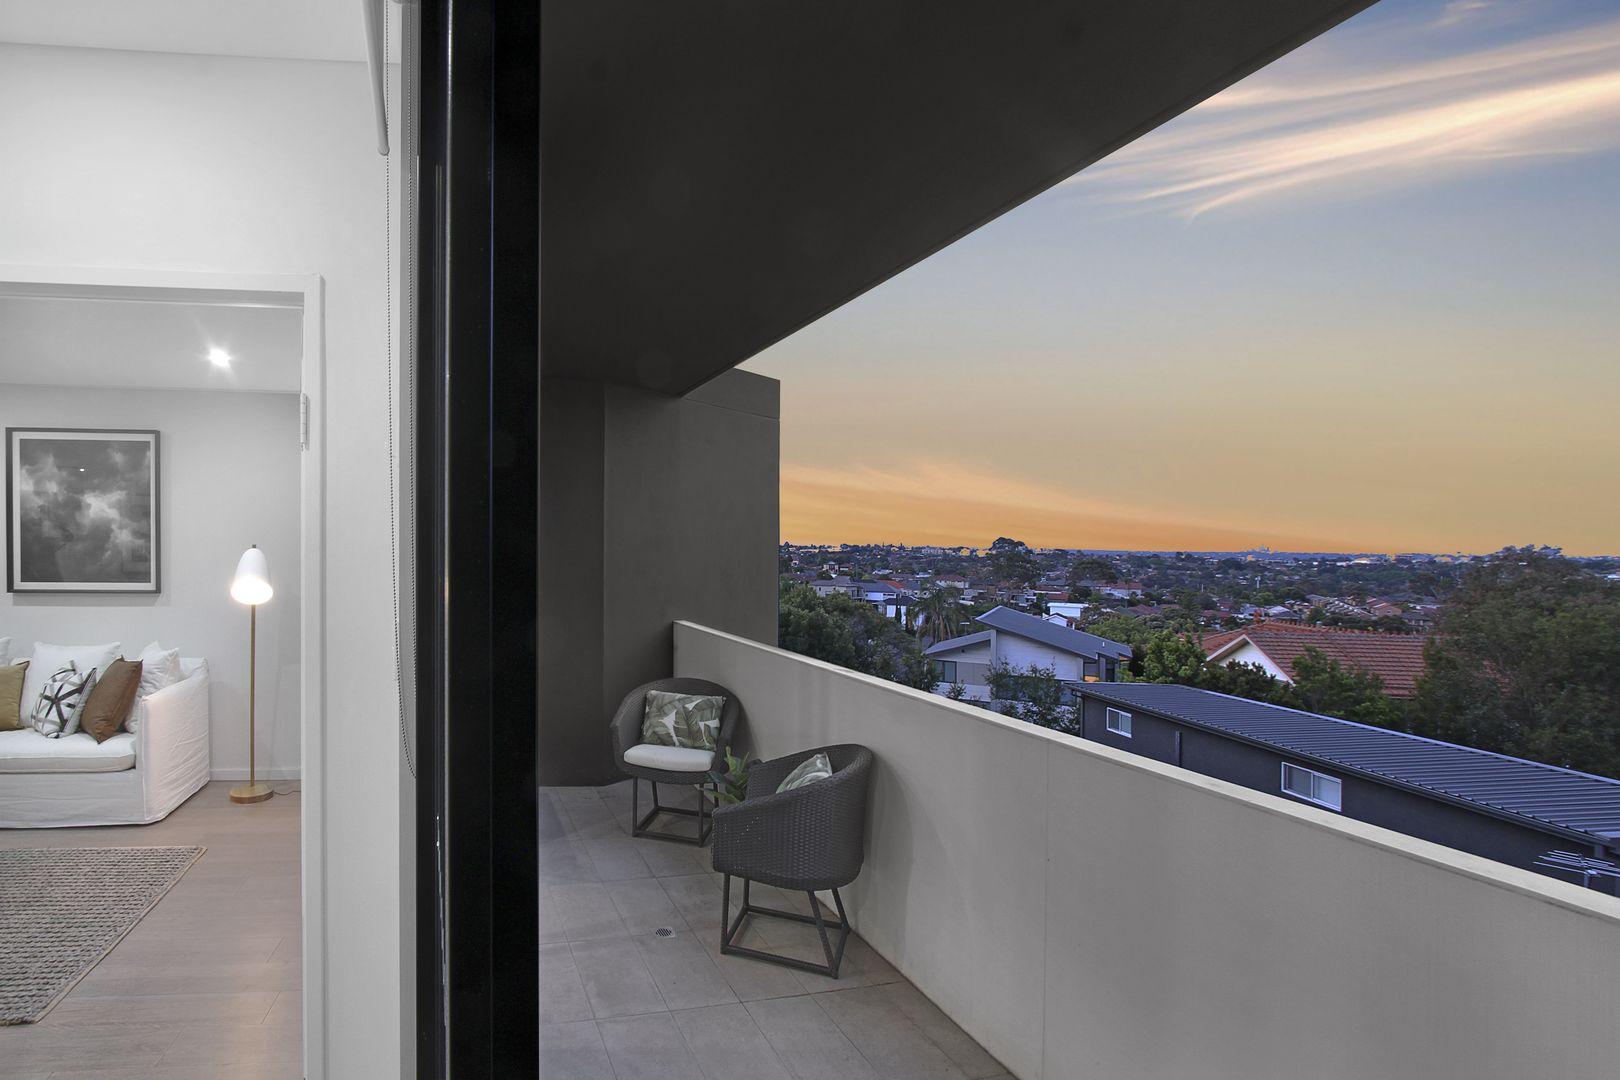 14/205 Homer Street, Earlwood NSW 2206, Image 0